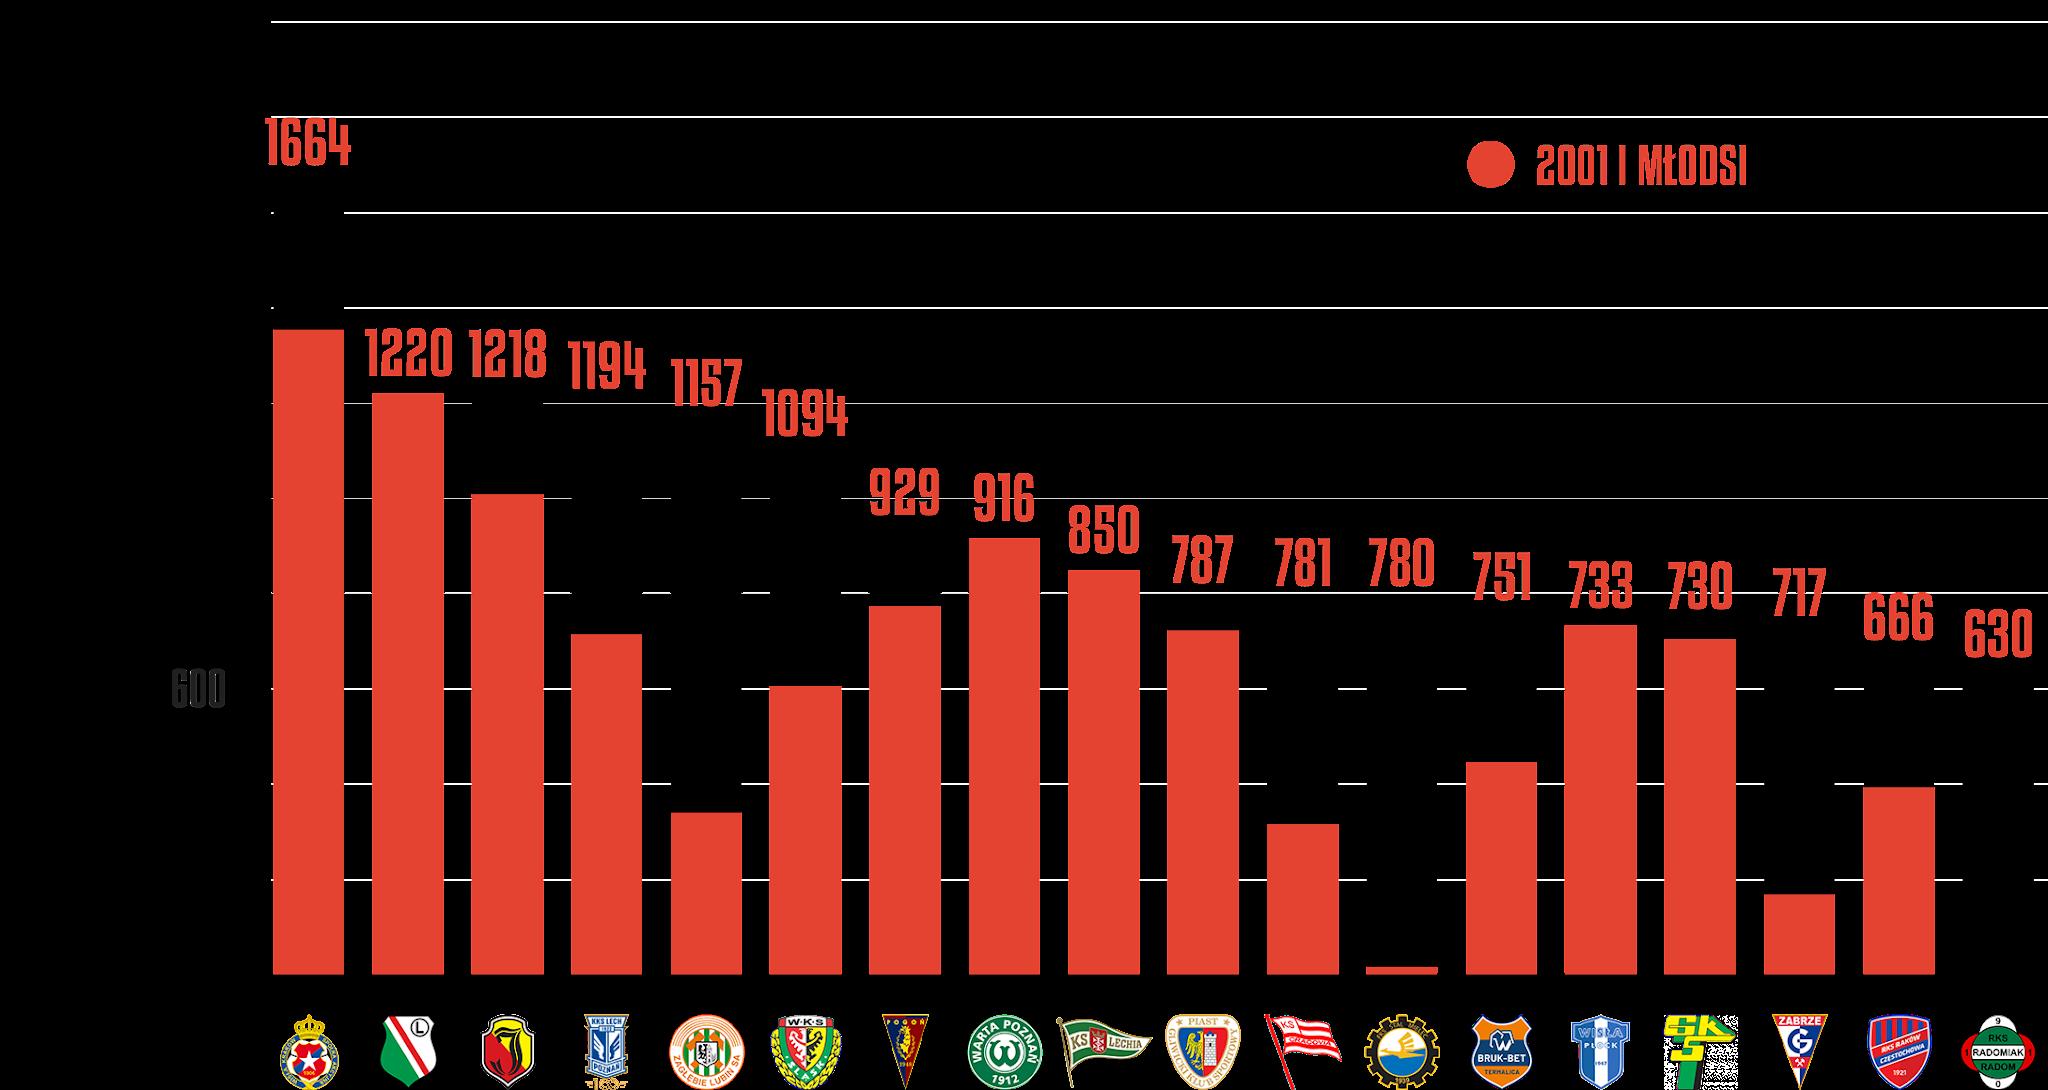 Klasyfikacja klubów pod względem rozegranego czasu przez młodzieżowców po 8.kolejce PKO Ekstraklasy<br><br>Źródło: Opracowanie własne na podstawie ekstrastats.pl<br><br>graf. Bartosz Urban